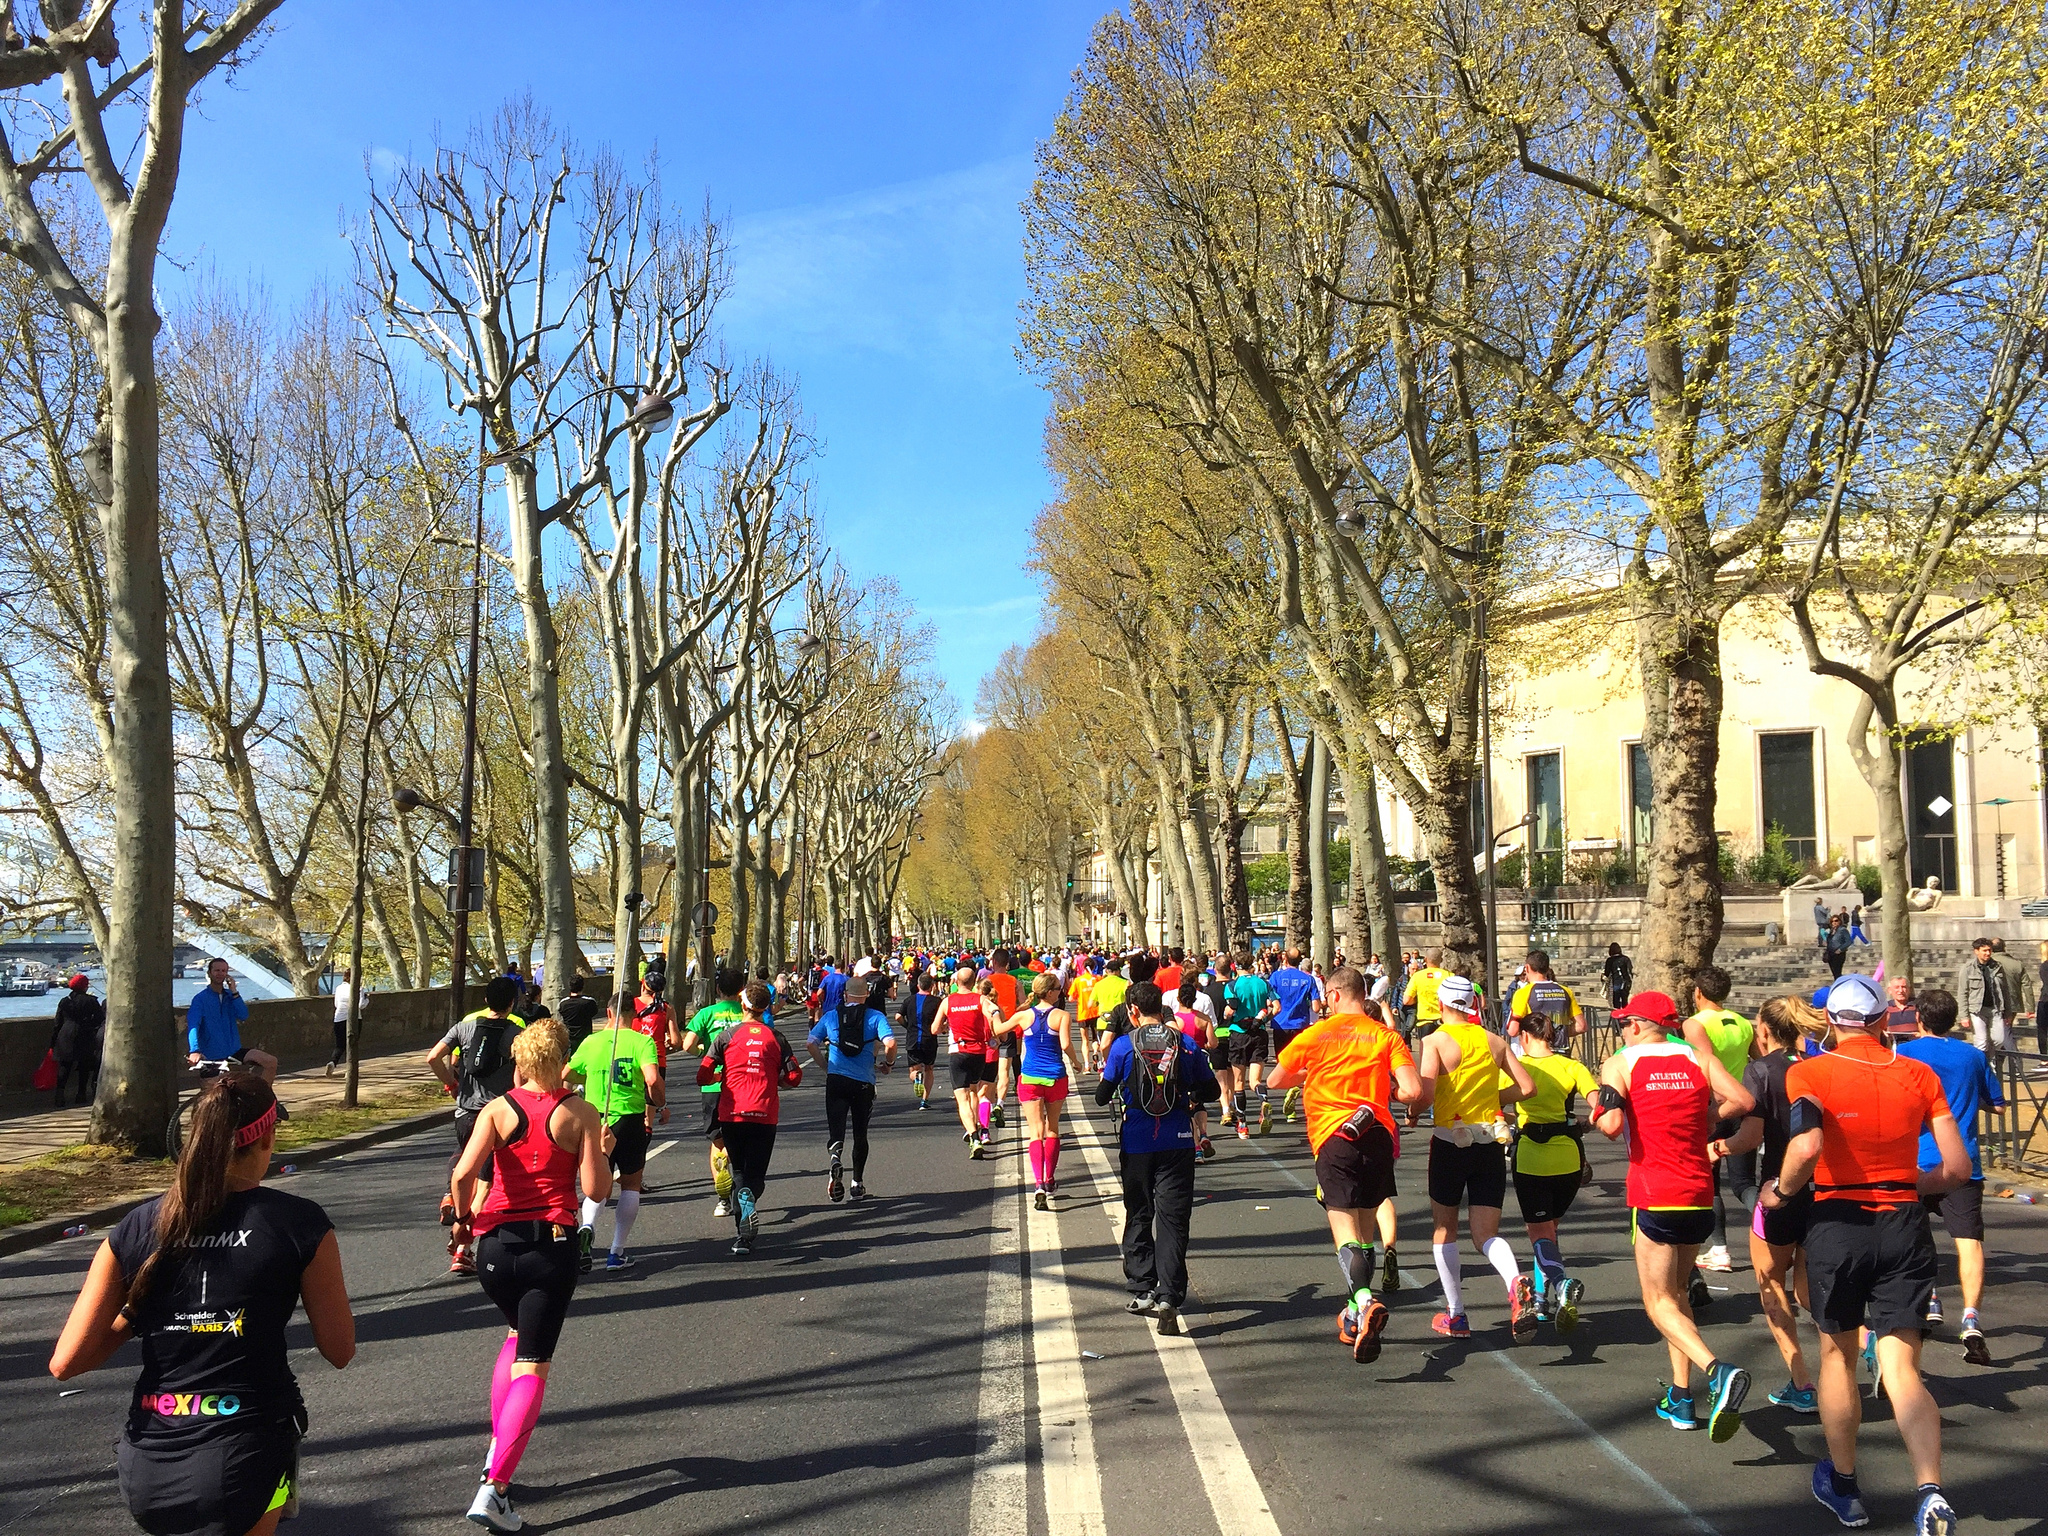 maraton de paris runmx run mx corredores mexicanos